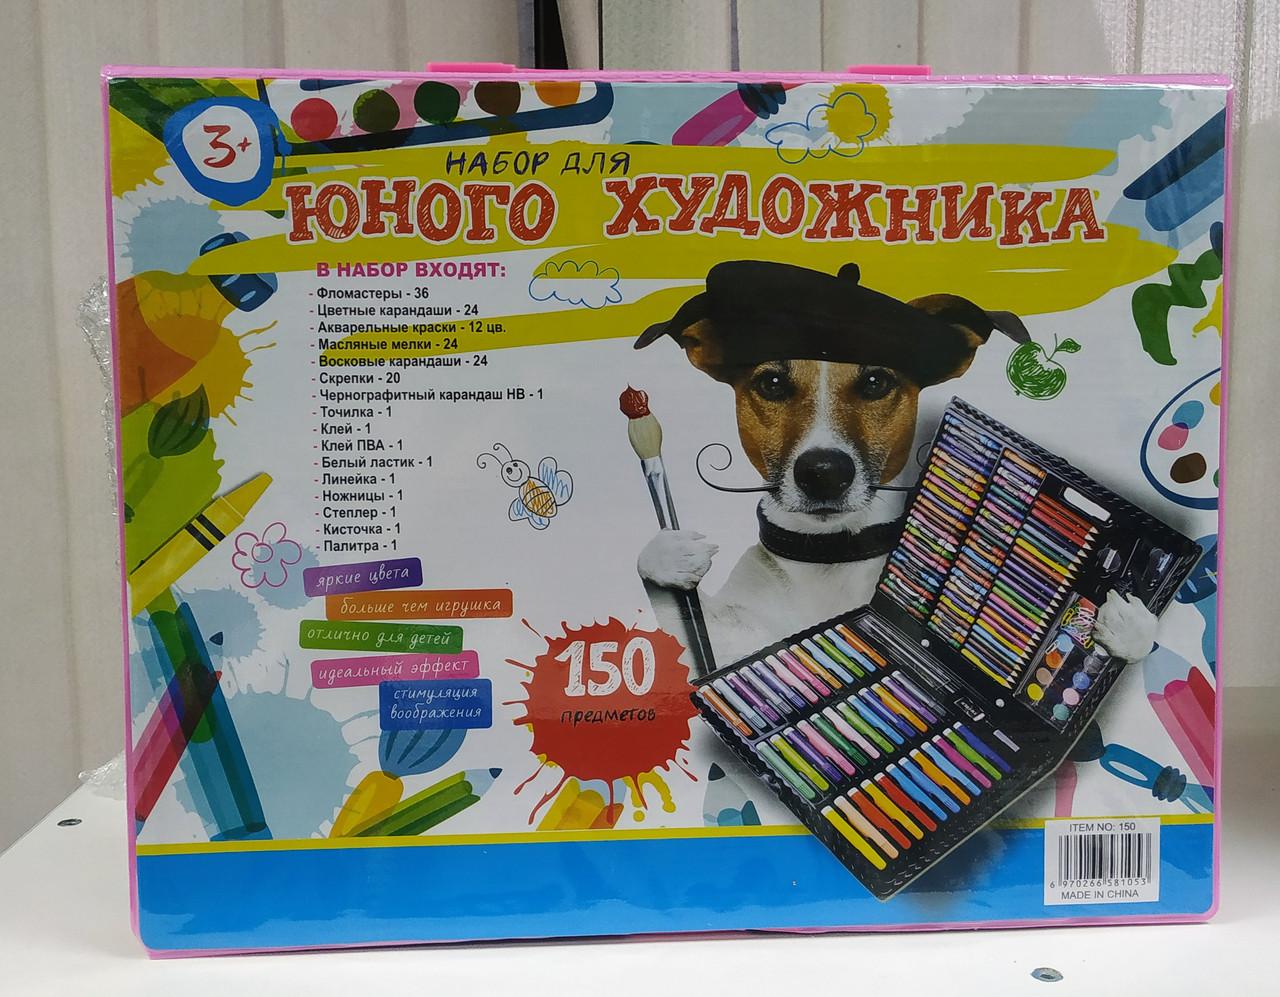 Детский набор для творчества 150 предметов (художественный набор для рисования в чемоданчике) - фото 1